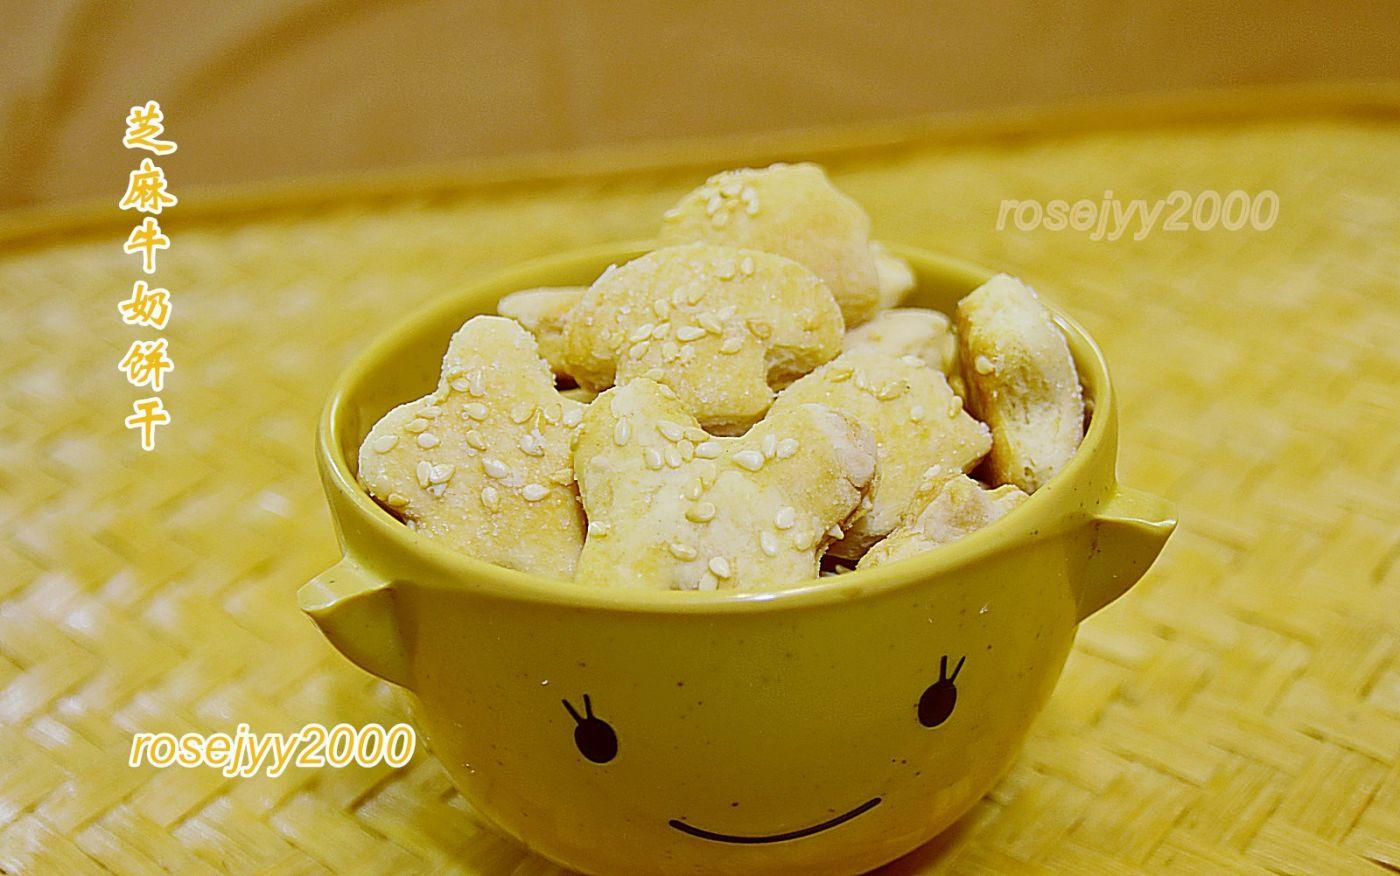 芝麻牛奶饼干_图1-1